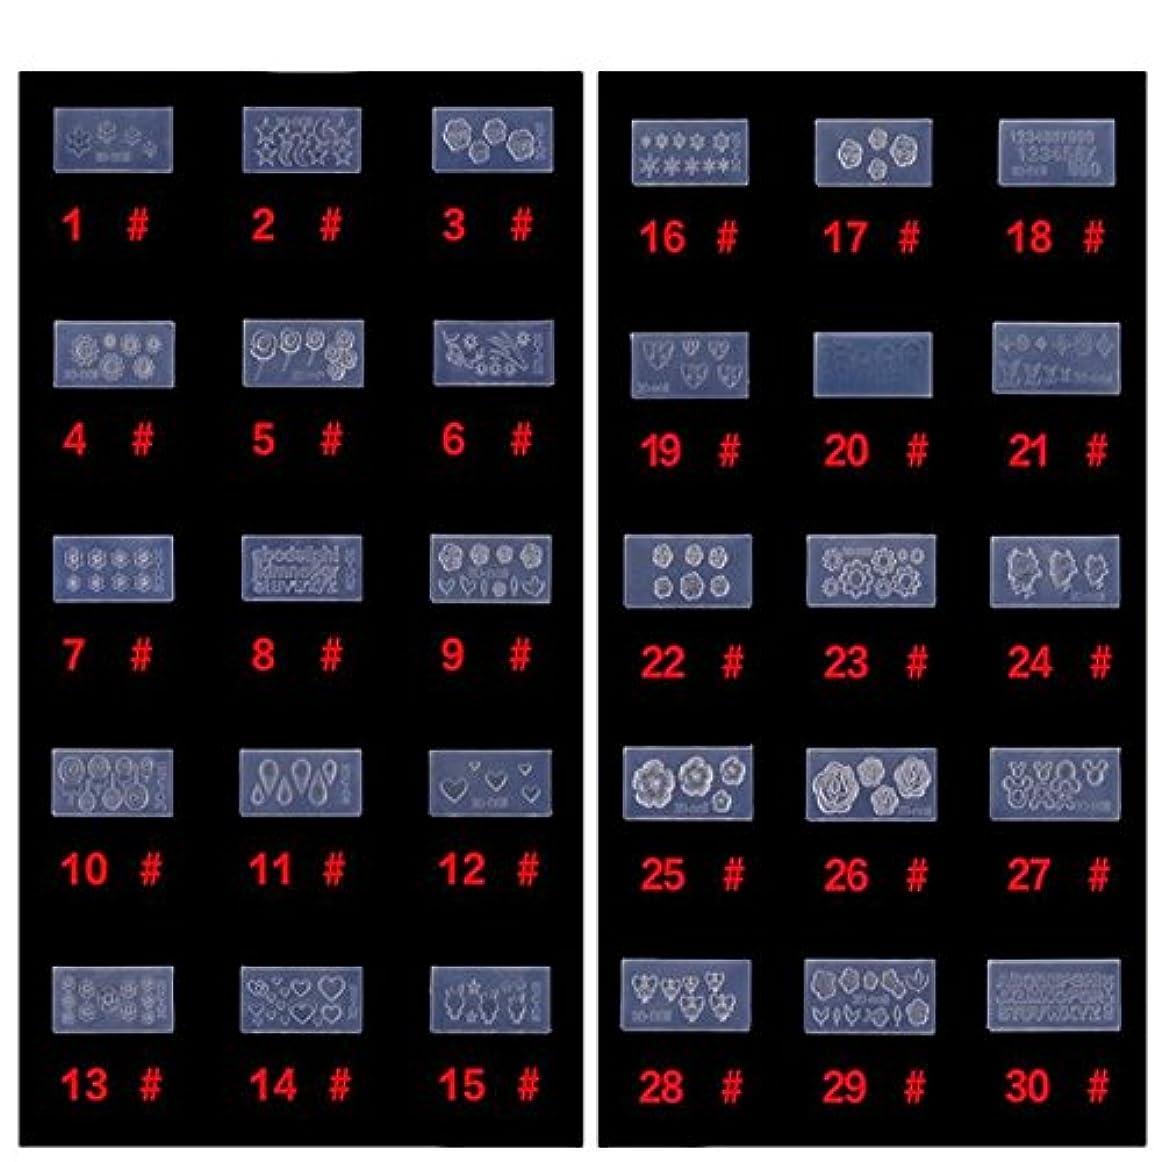 再編成する神話上へシリコン モールド 3D ネイル用 アートデコ まとめて30個 ランダムセット レジン 道具 型 型どり